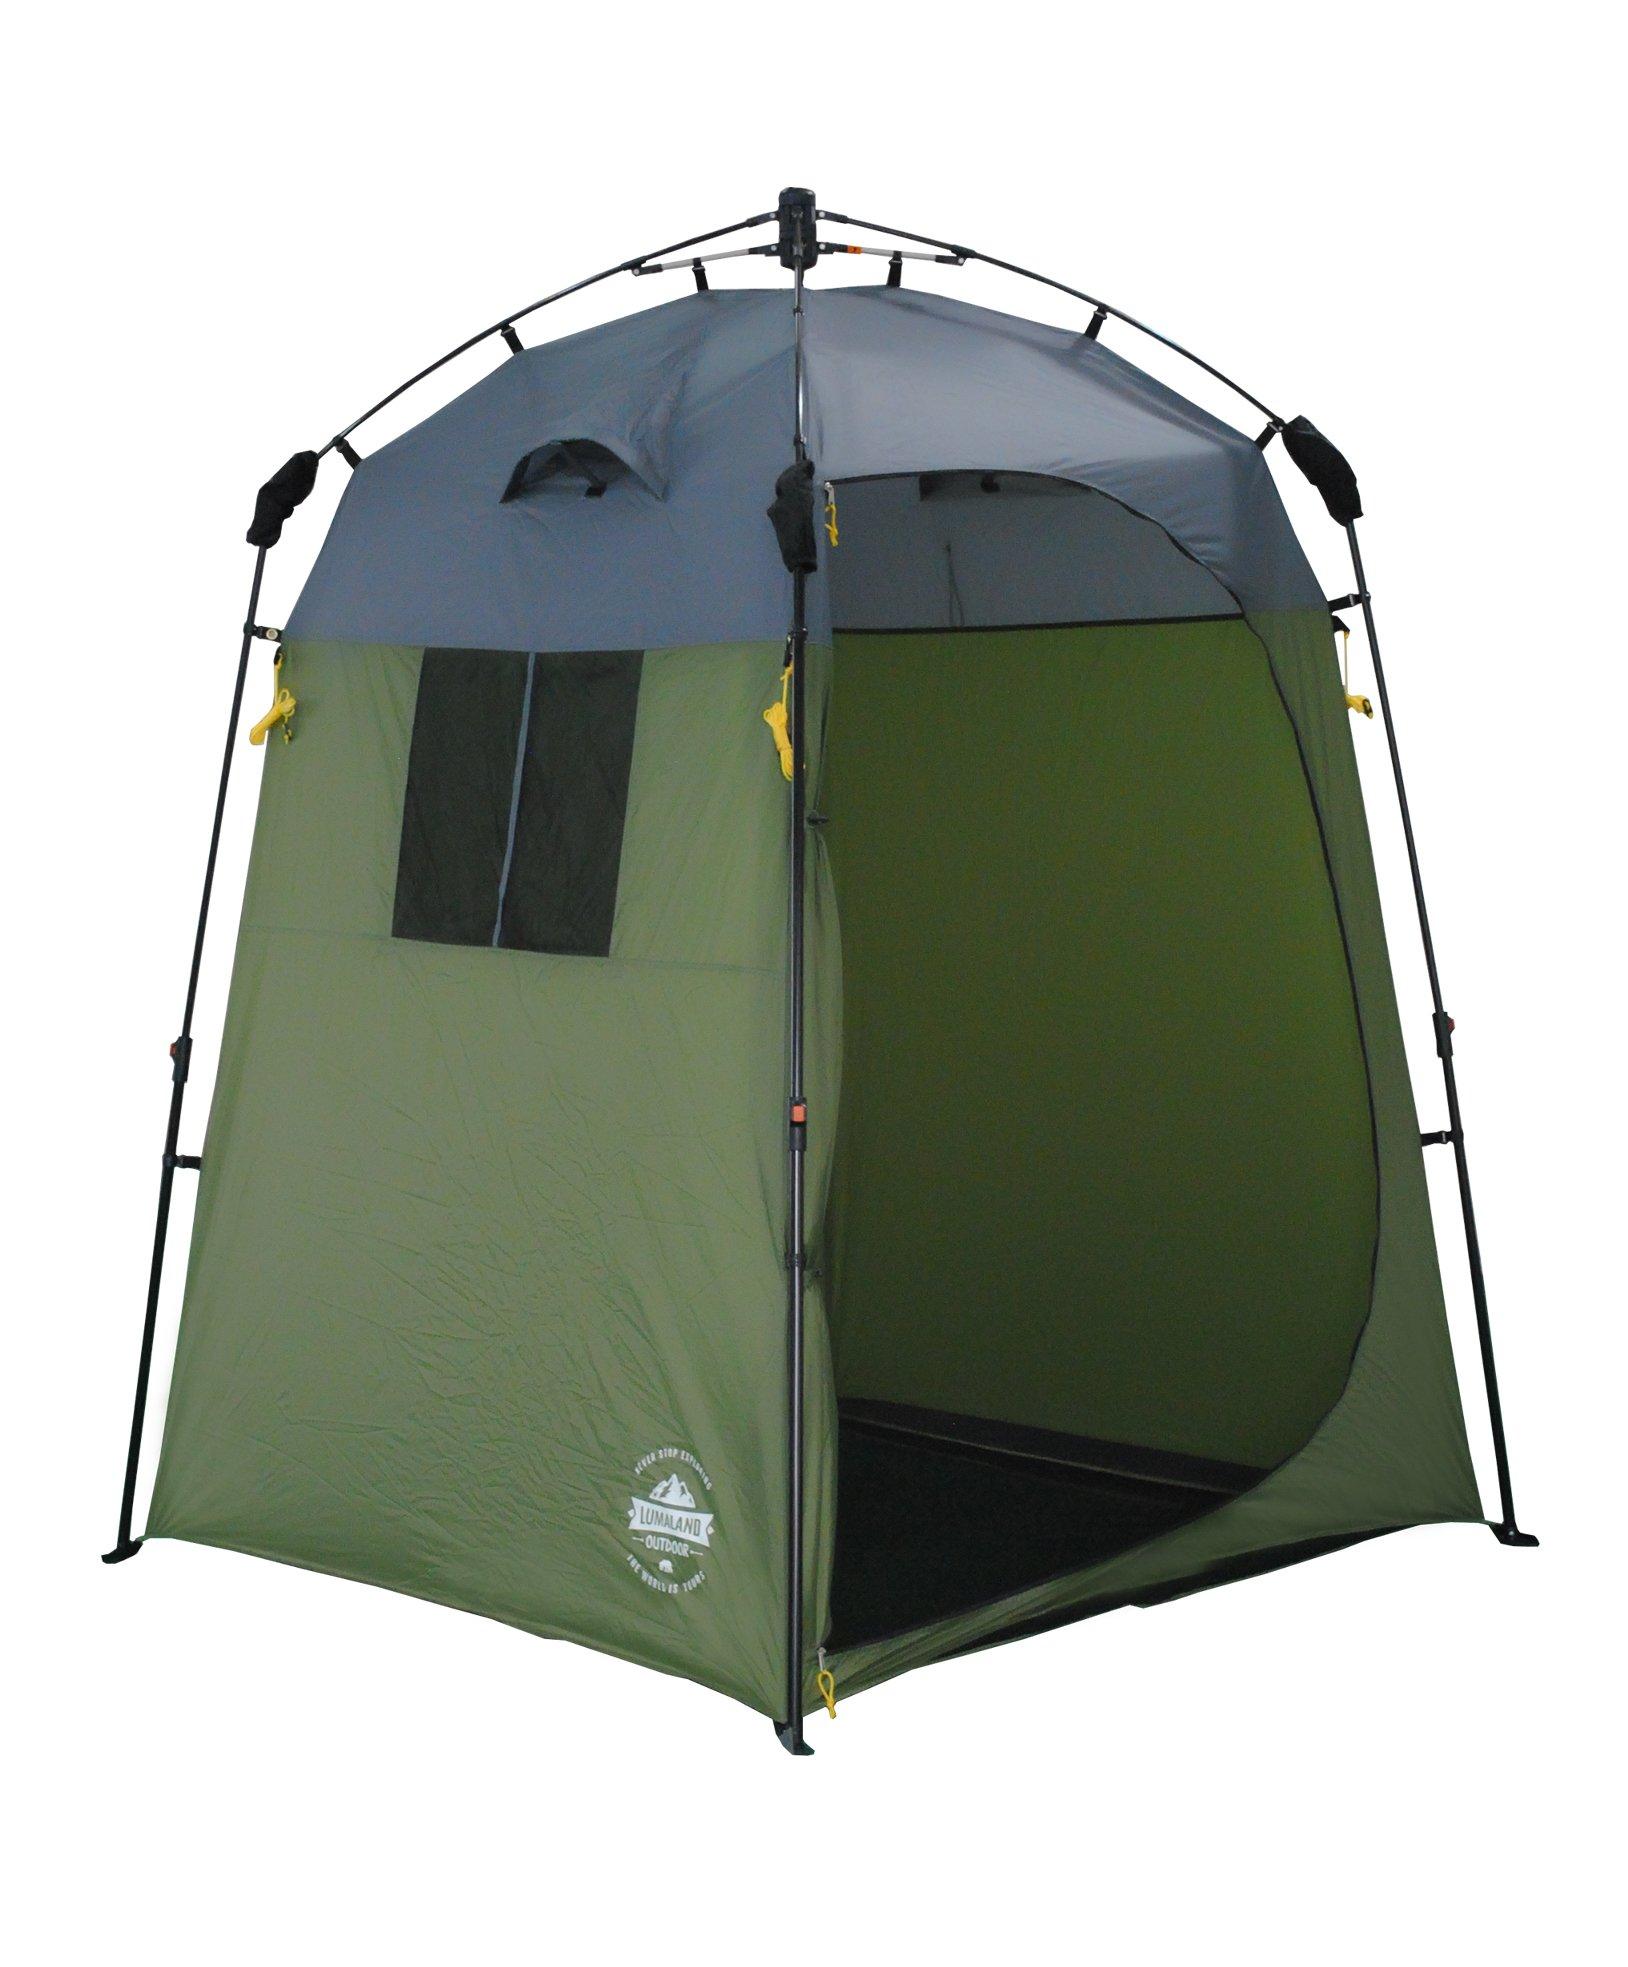 Lumaland Outdoor Pop Up Tienda de campaña Ducha Aseo Privacidad Camping 155x155x220 Verde product image